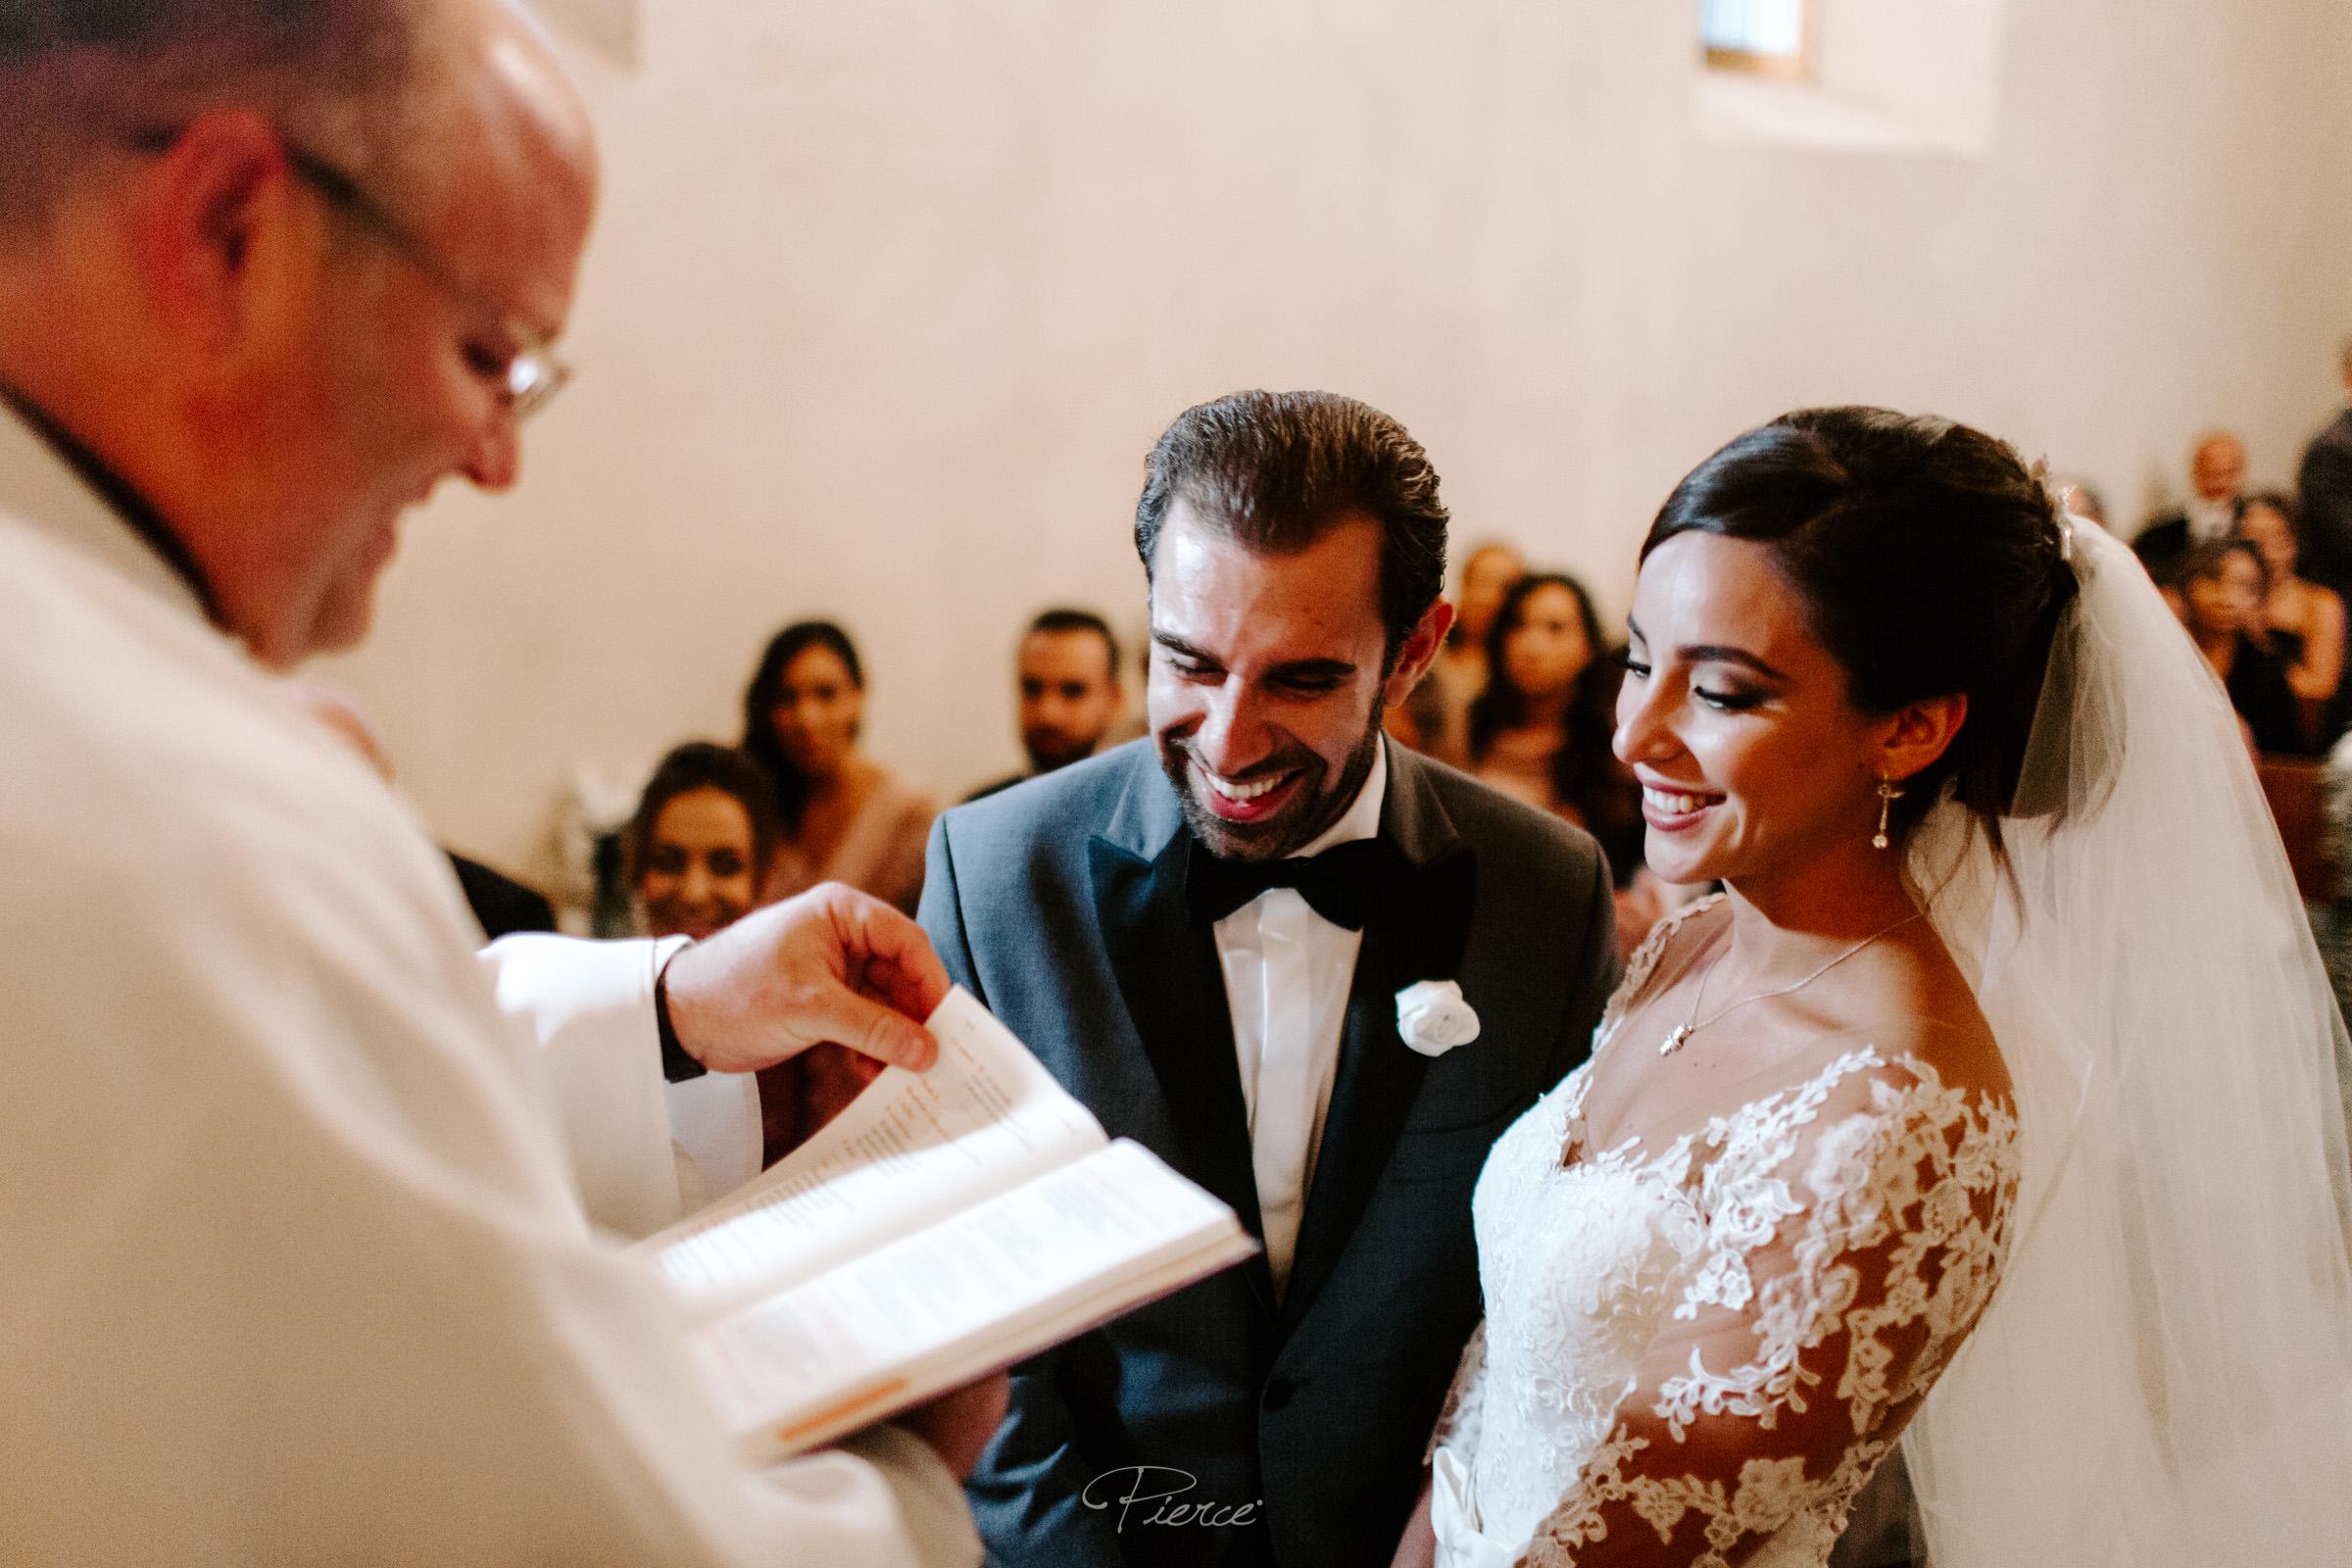 fotografia-de-boda-valle-de-bravo-mexico-rosmarino-pierce-weddings-0091.JPG